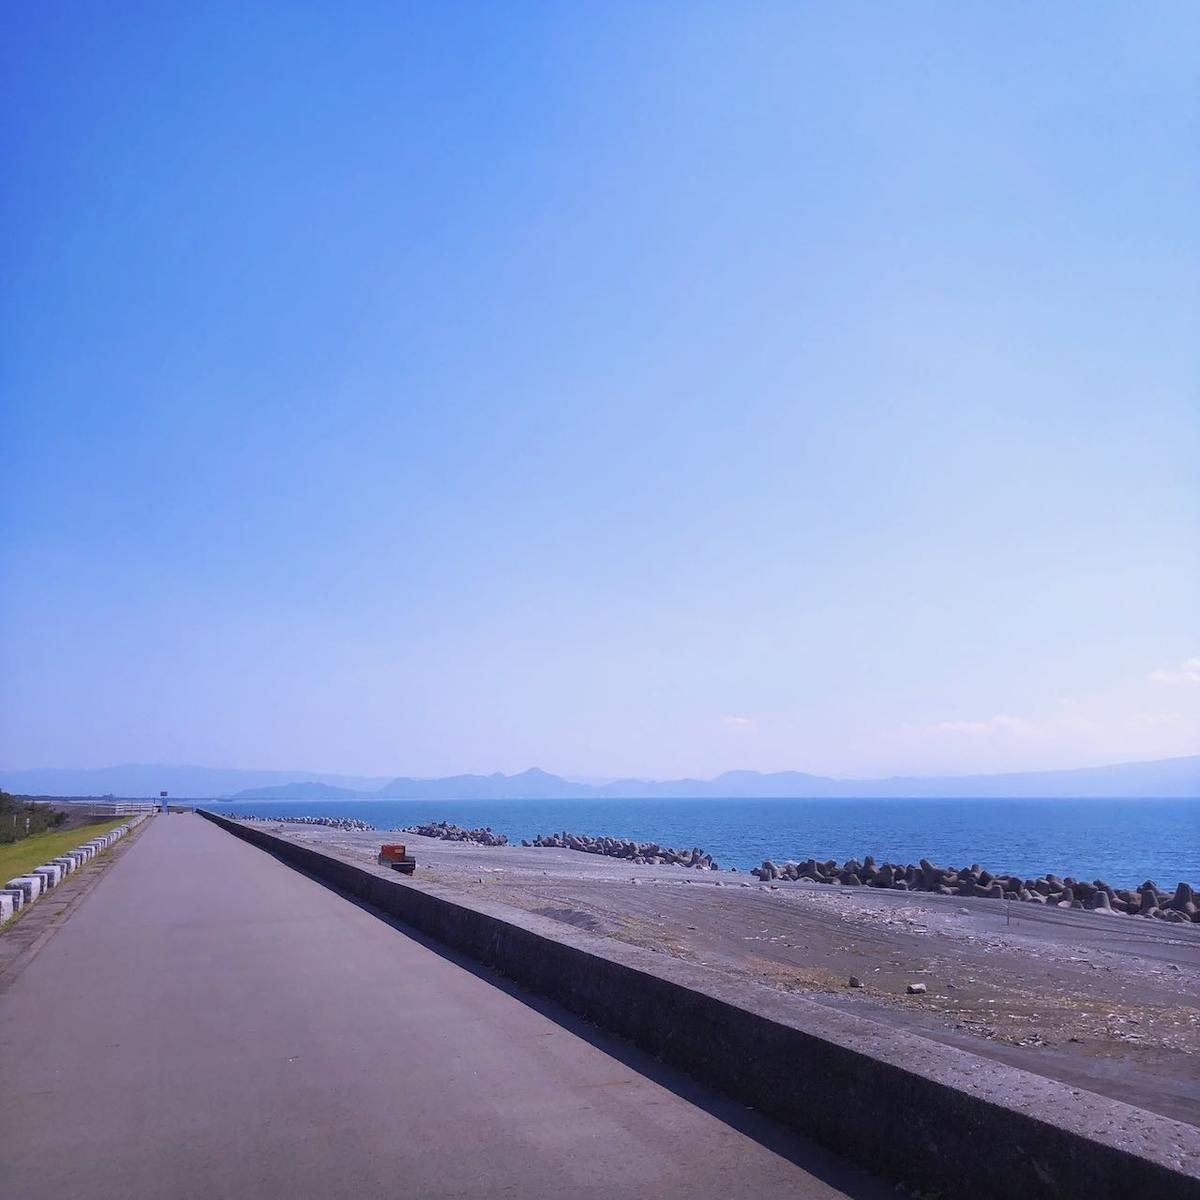 f:id:mick_kamihara:20210924113338j:plain